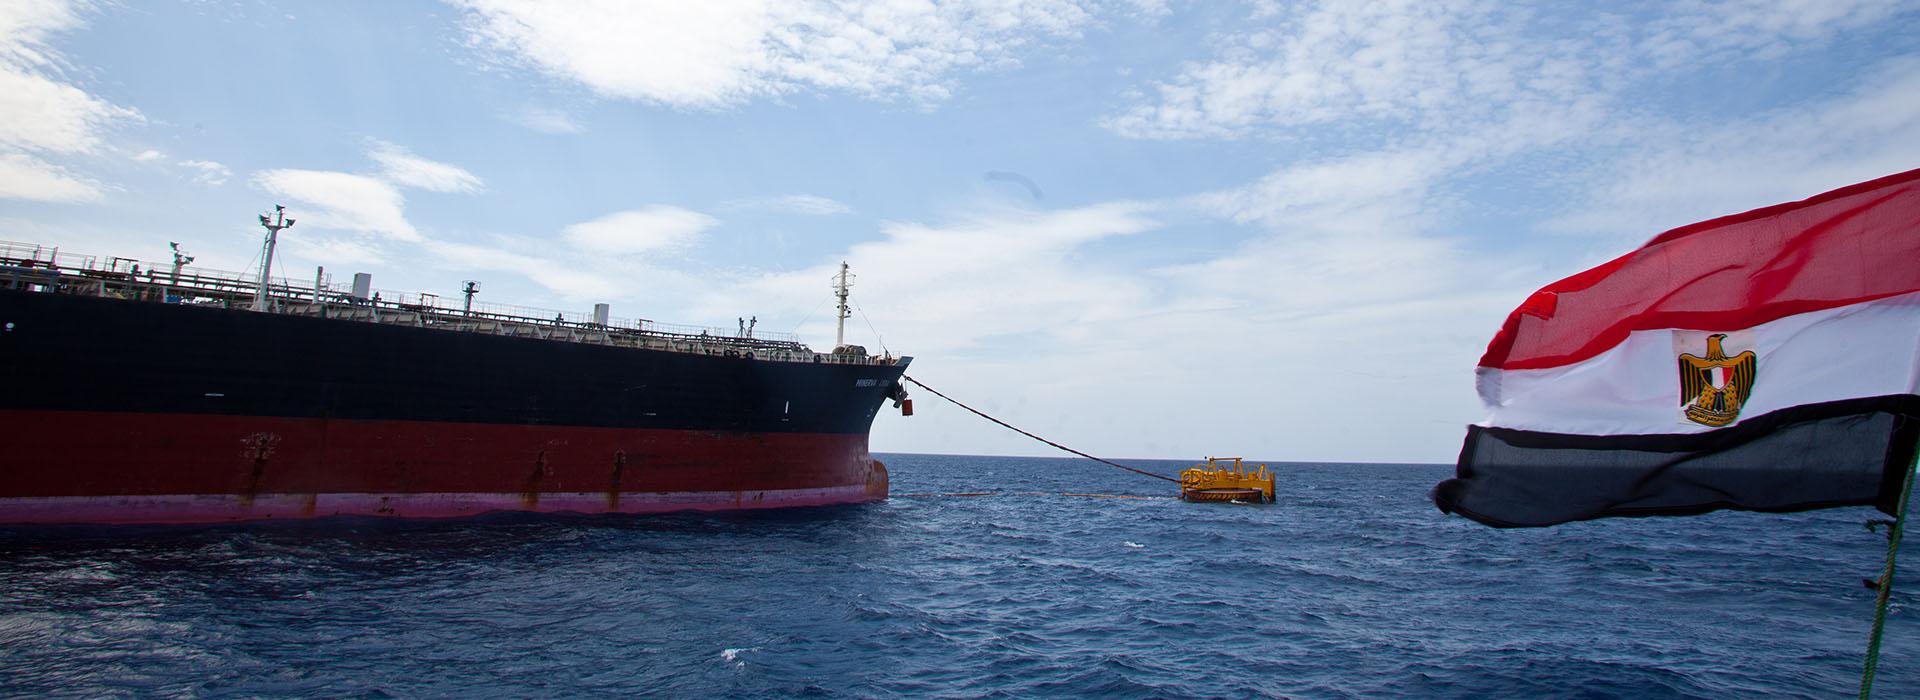 ميناء الحمراء ويقع على بعد 120 كيلومترا غرب الاسكندرية.. وتديره شركة بترول الصحراء الغربية